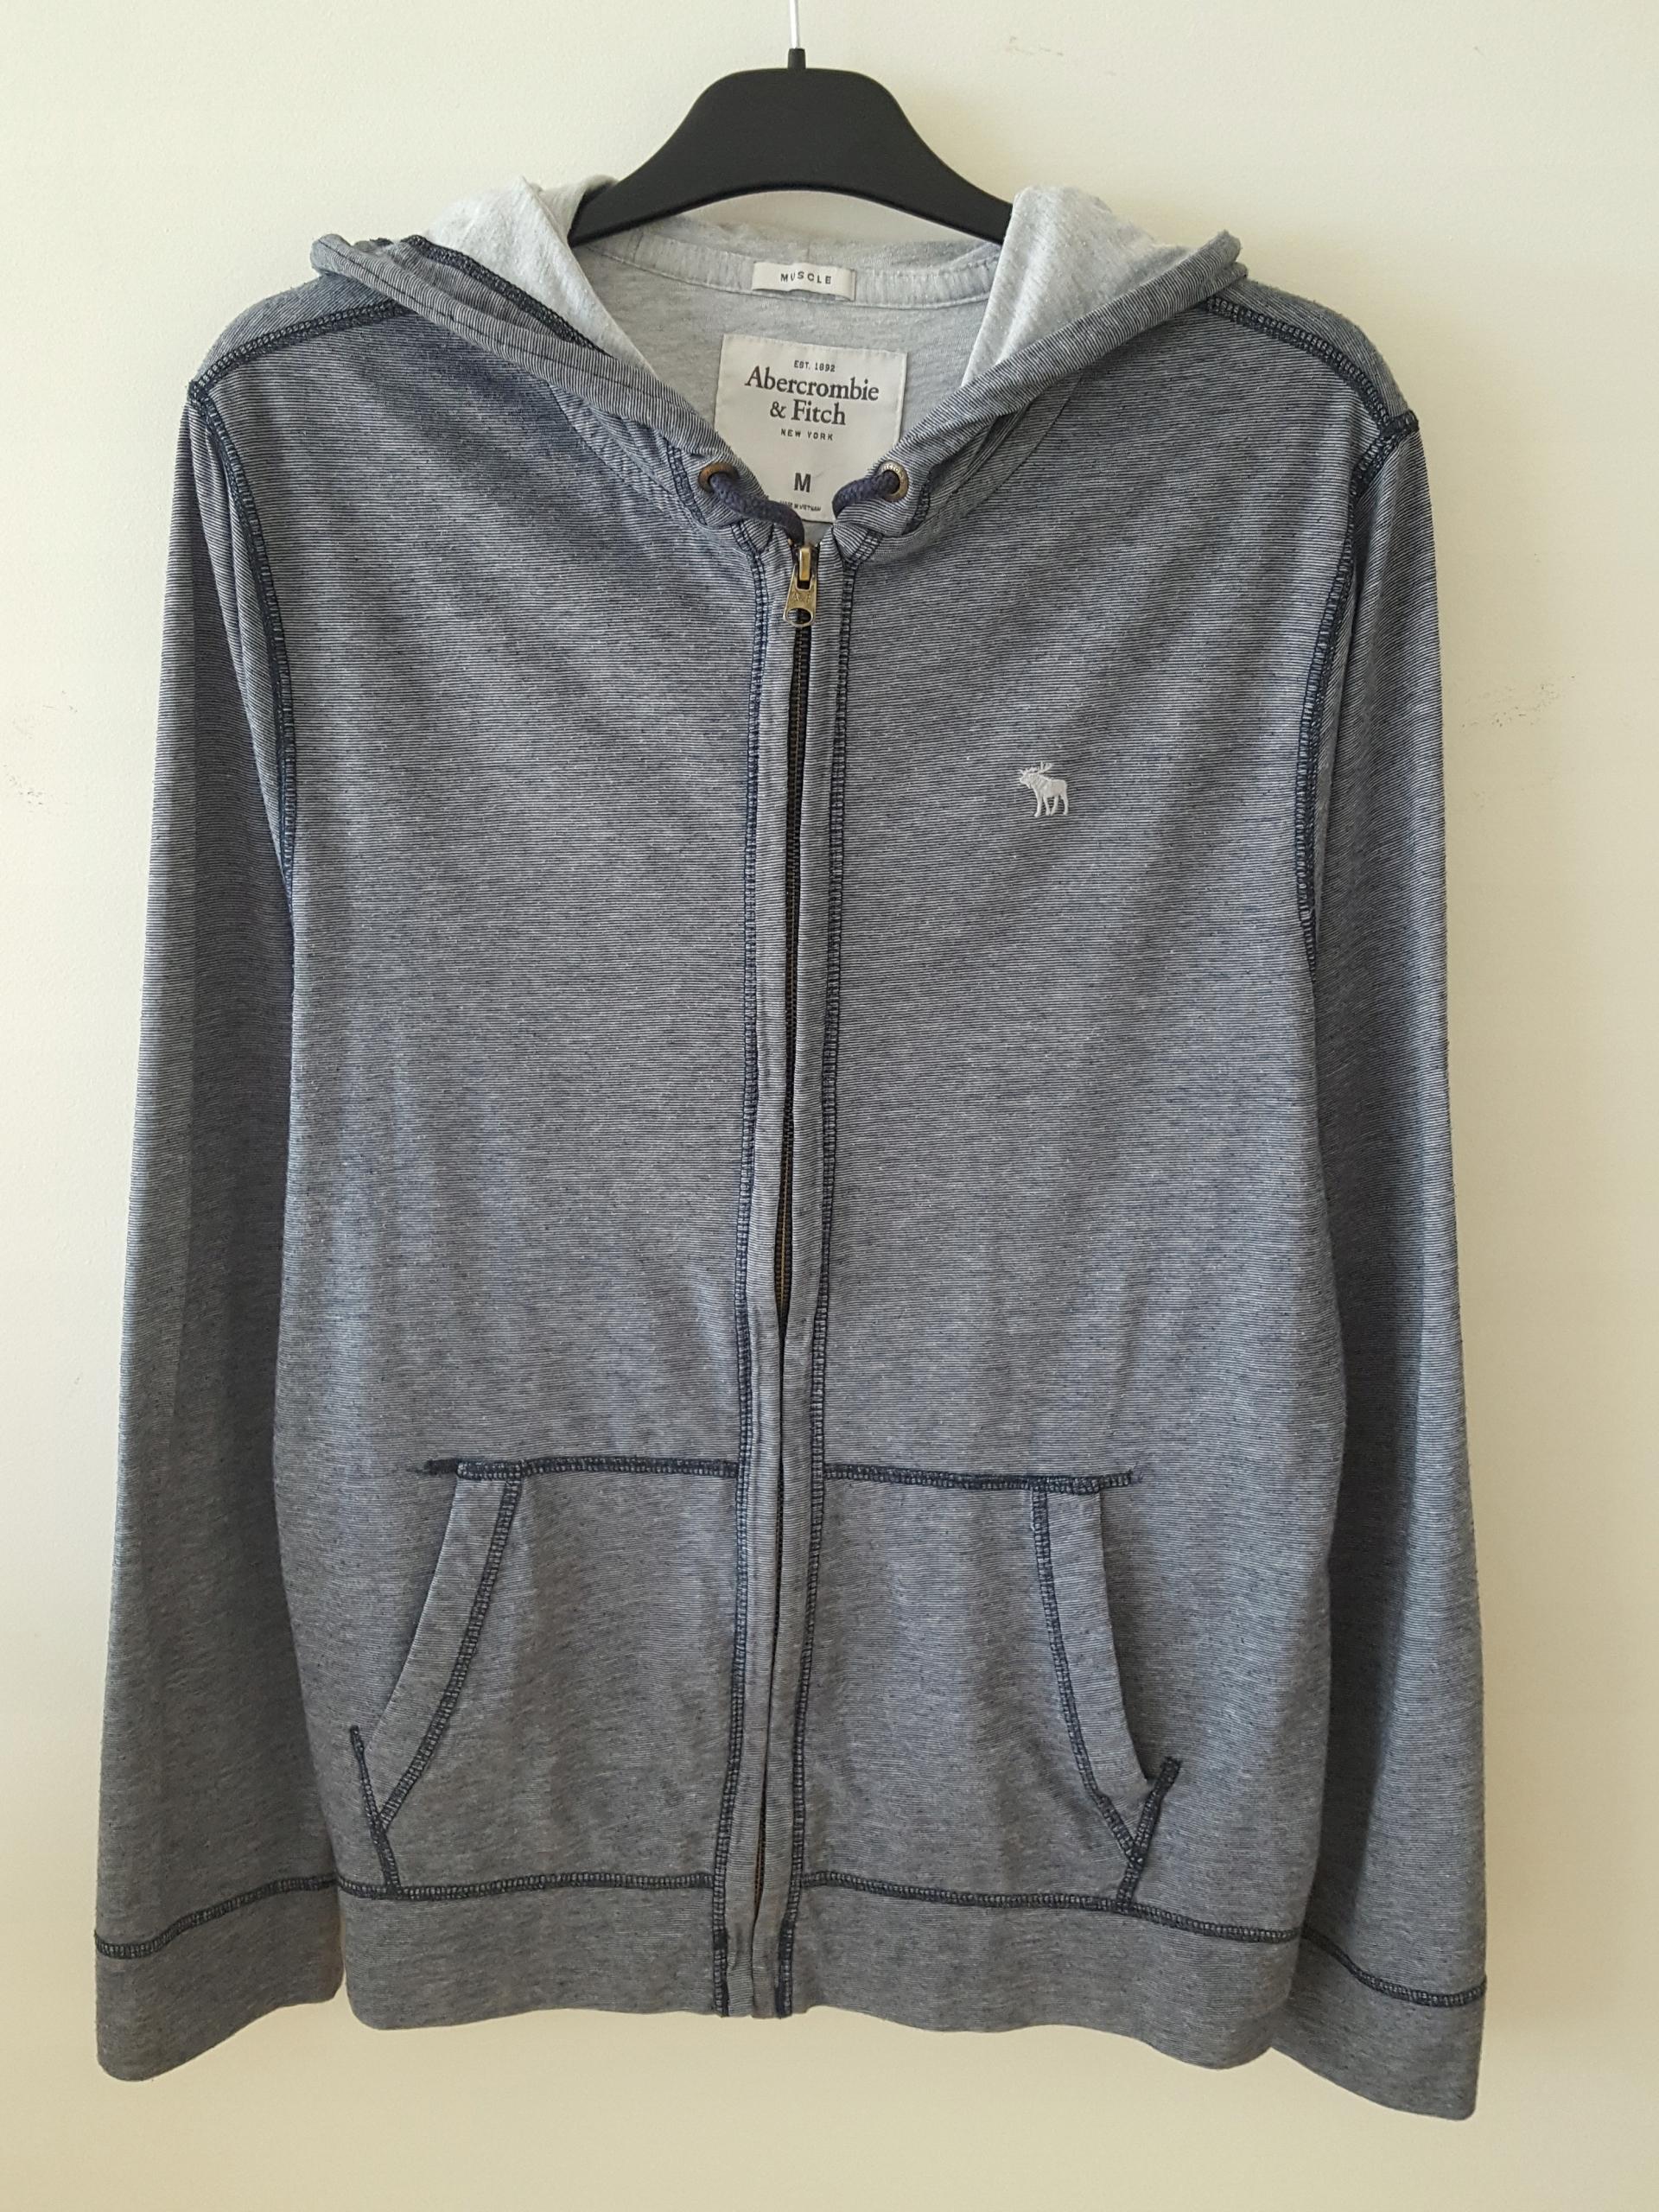 Bluza męska szara Abercrombie&Fitch r. M